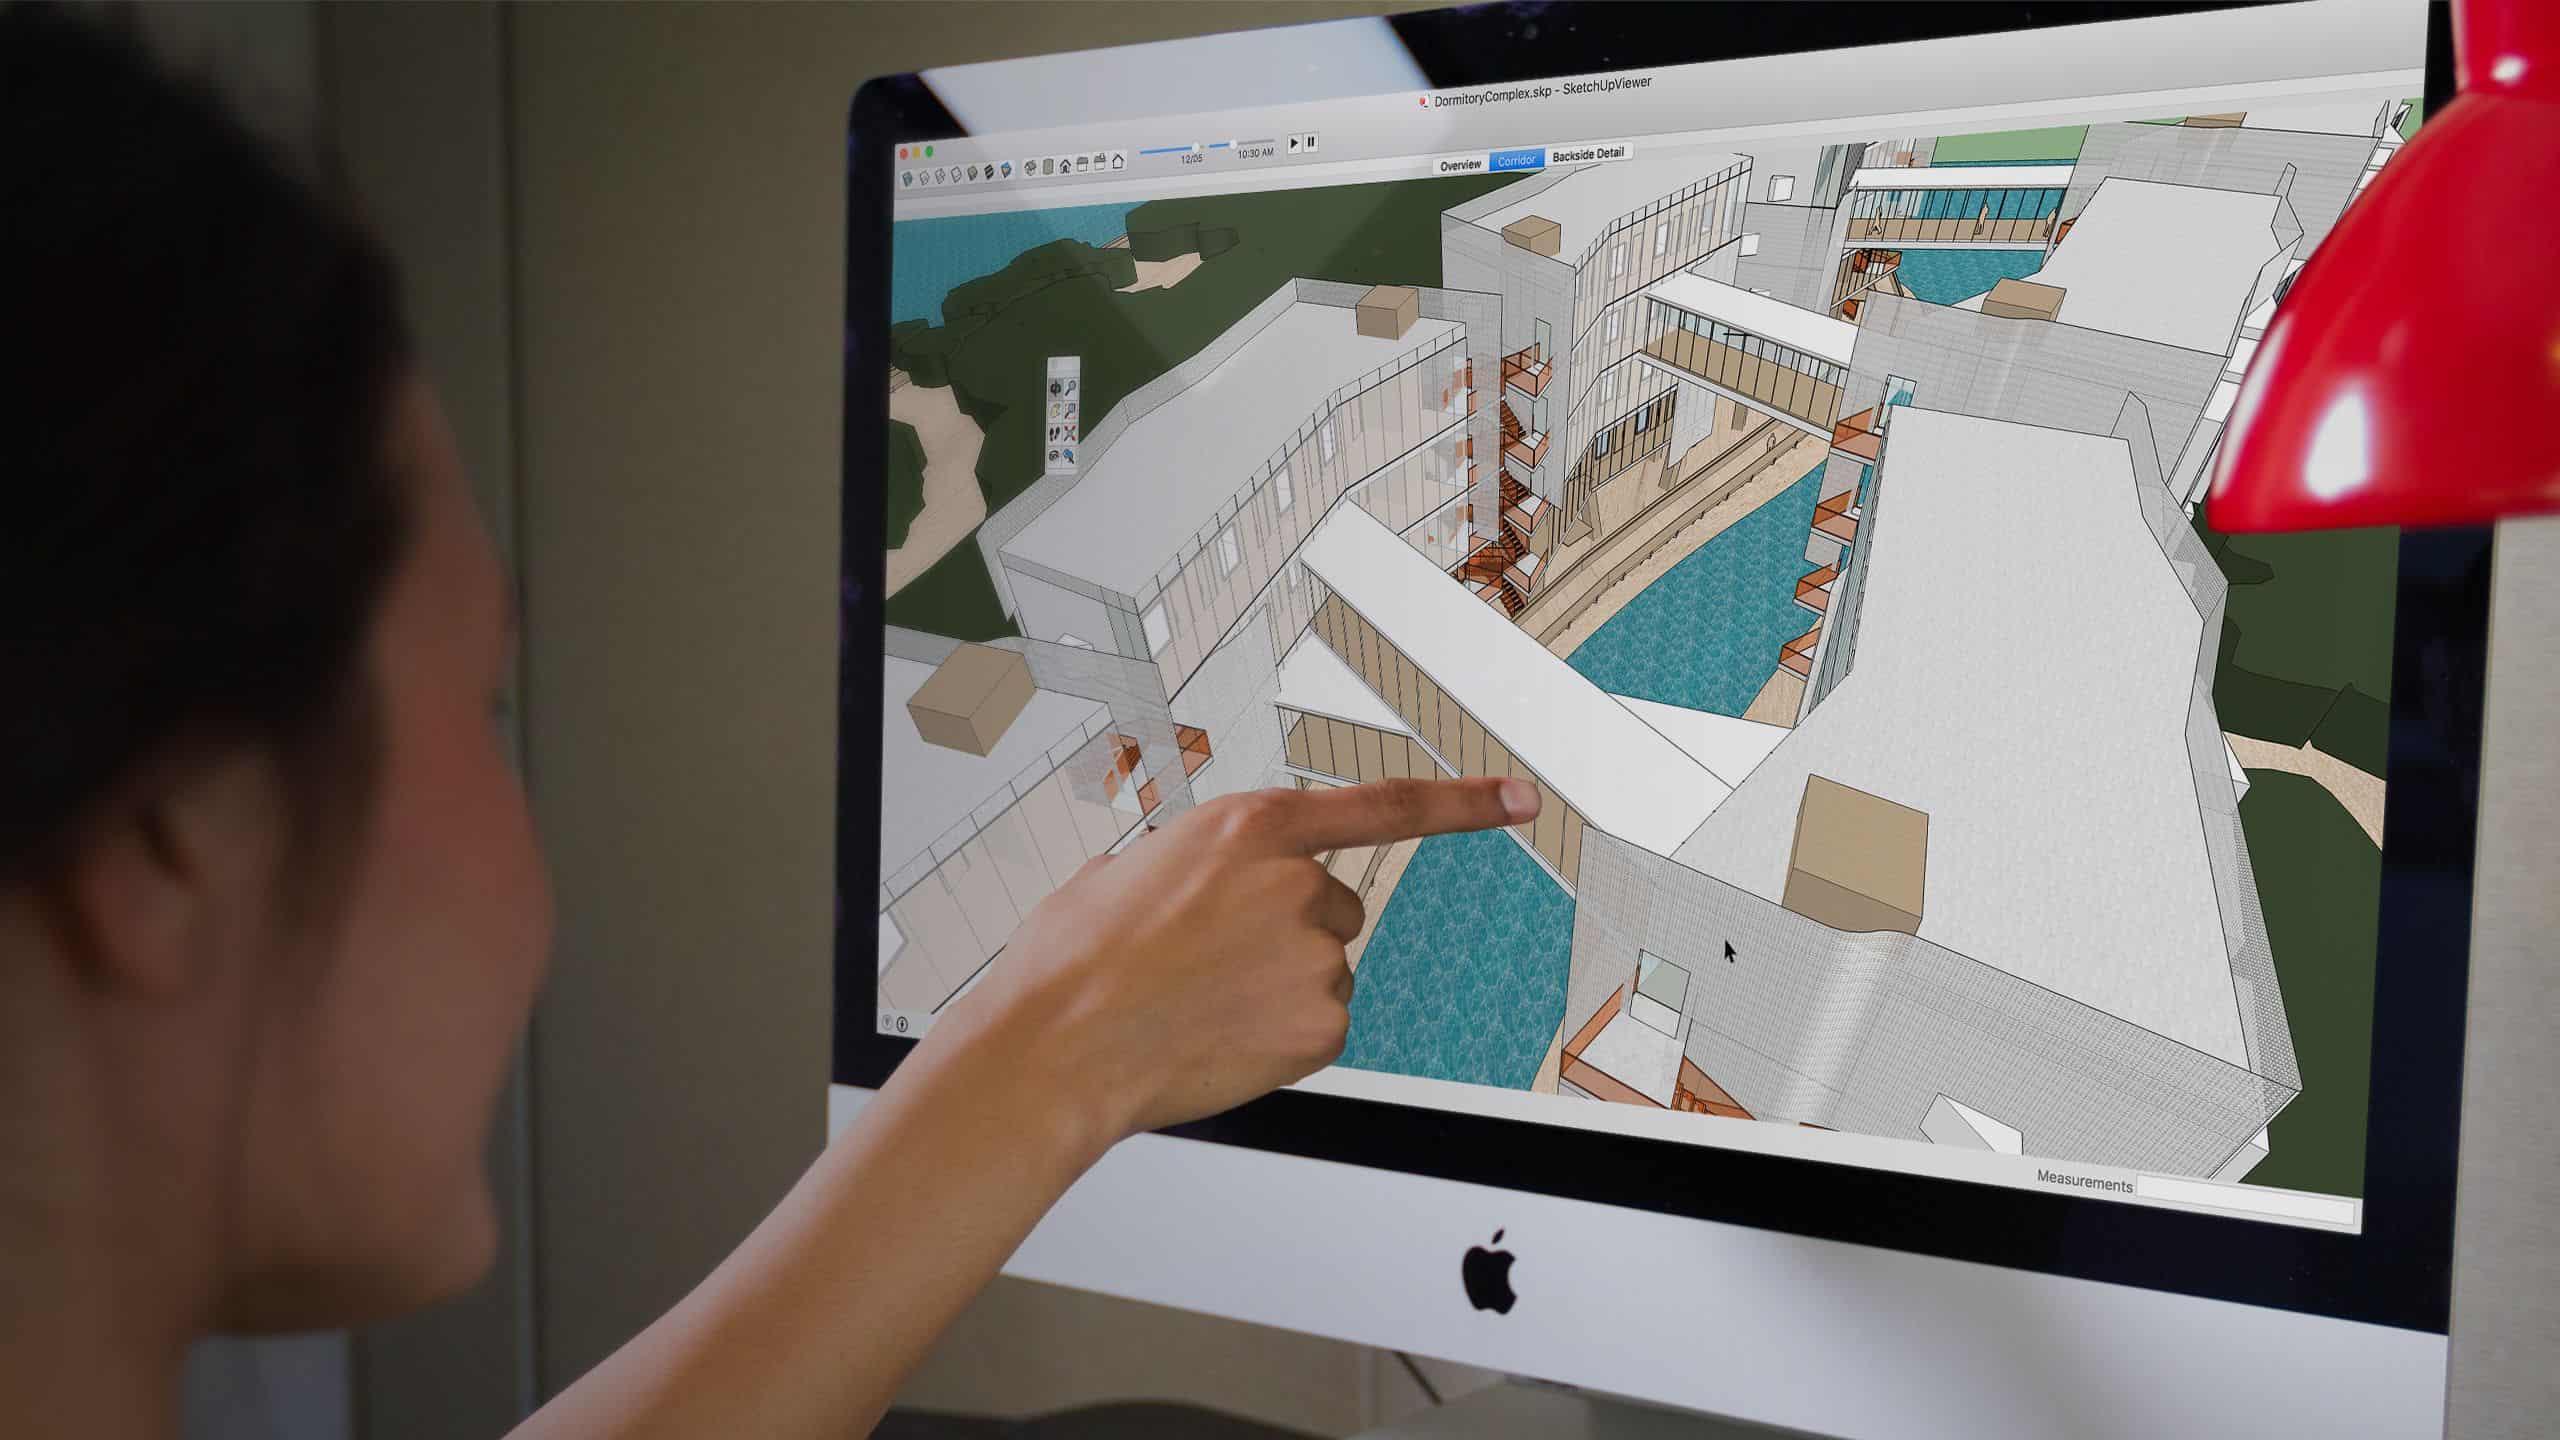 SketchUp : 3D für jedermann